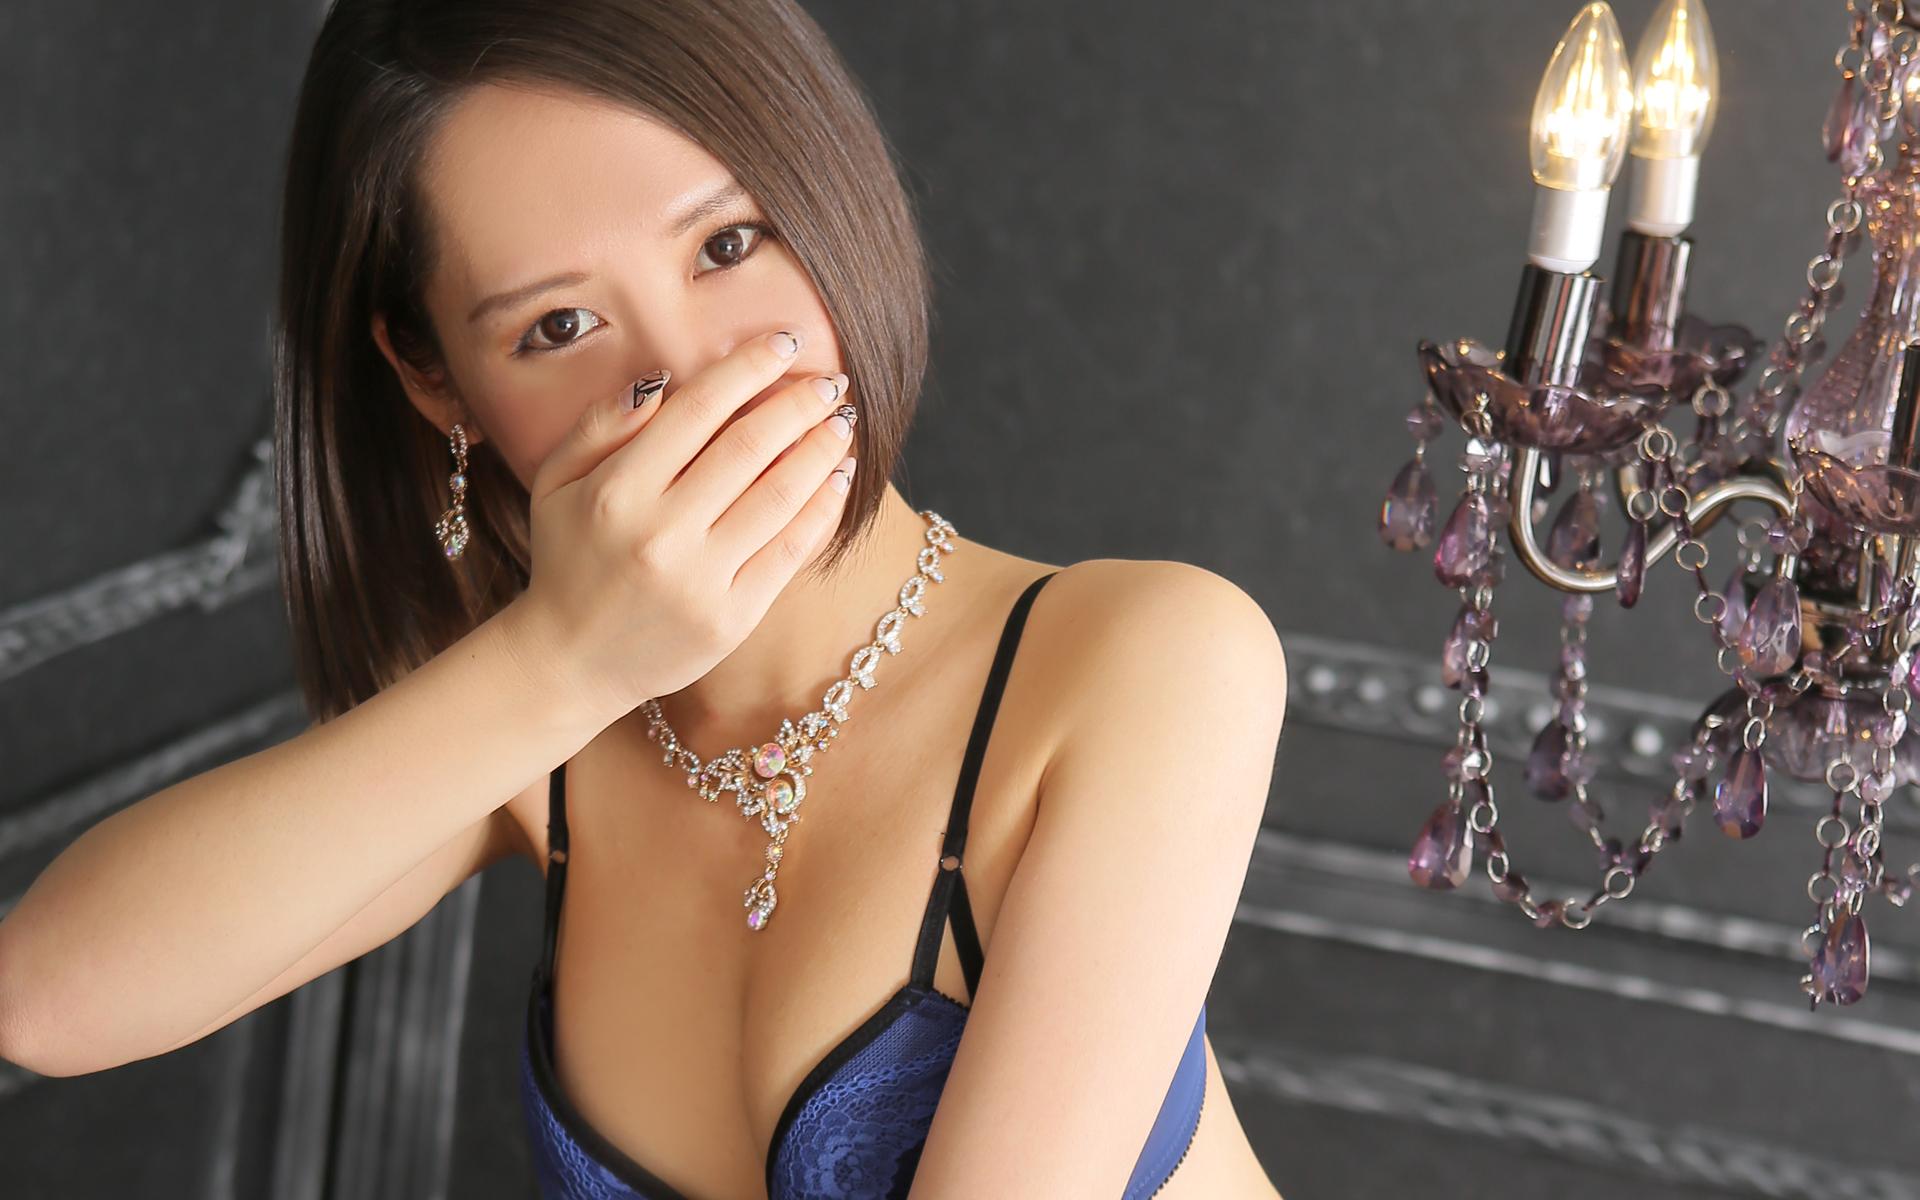 船橋デリヘル 風俗 人妻デリバリーヘルス『秘密倶楽部 凛 船橋店』